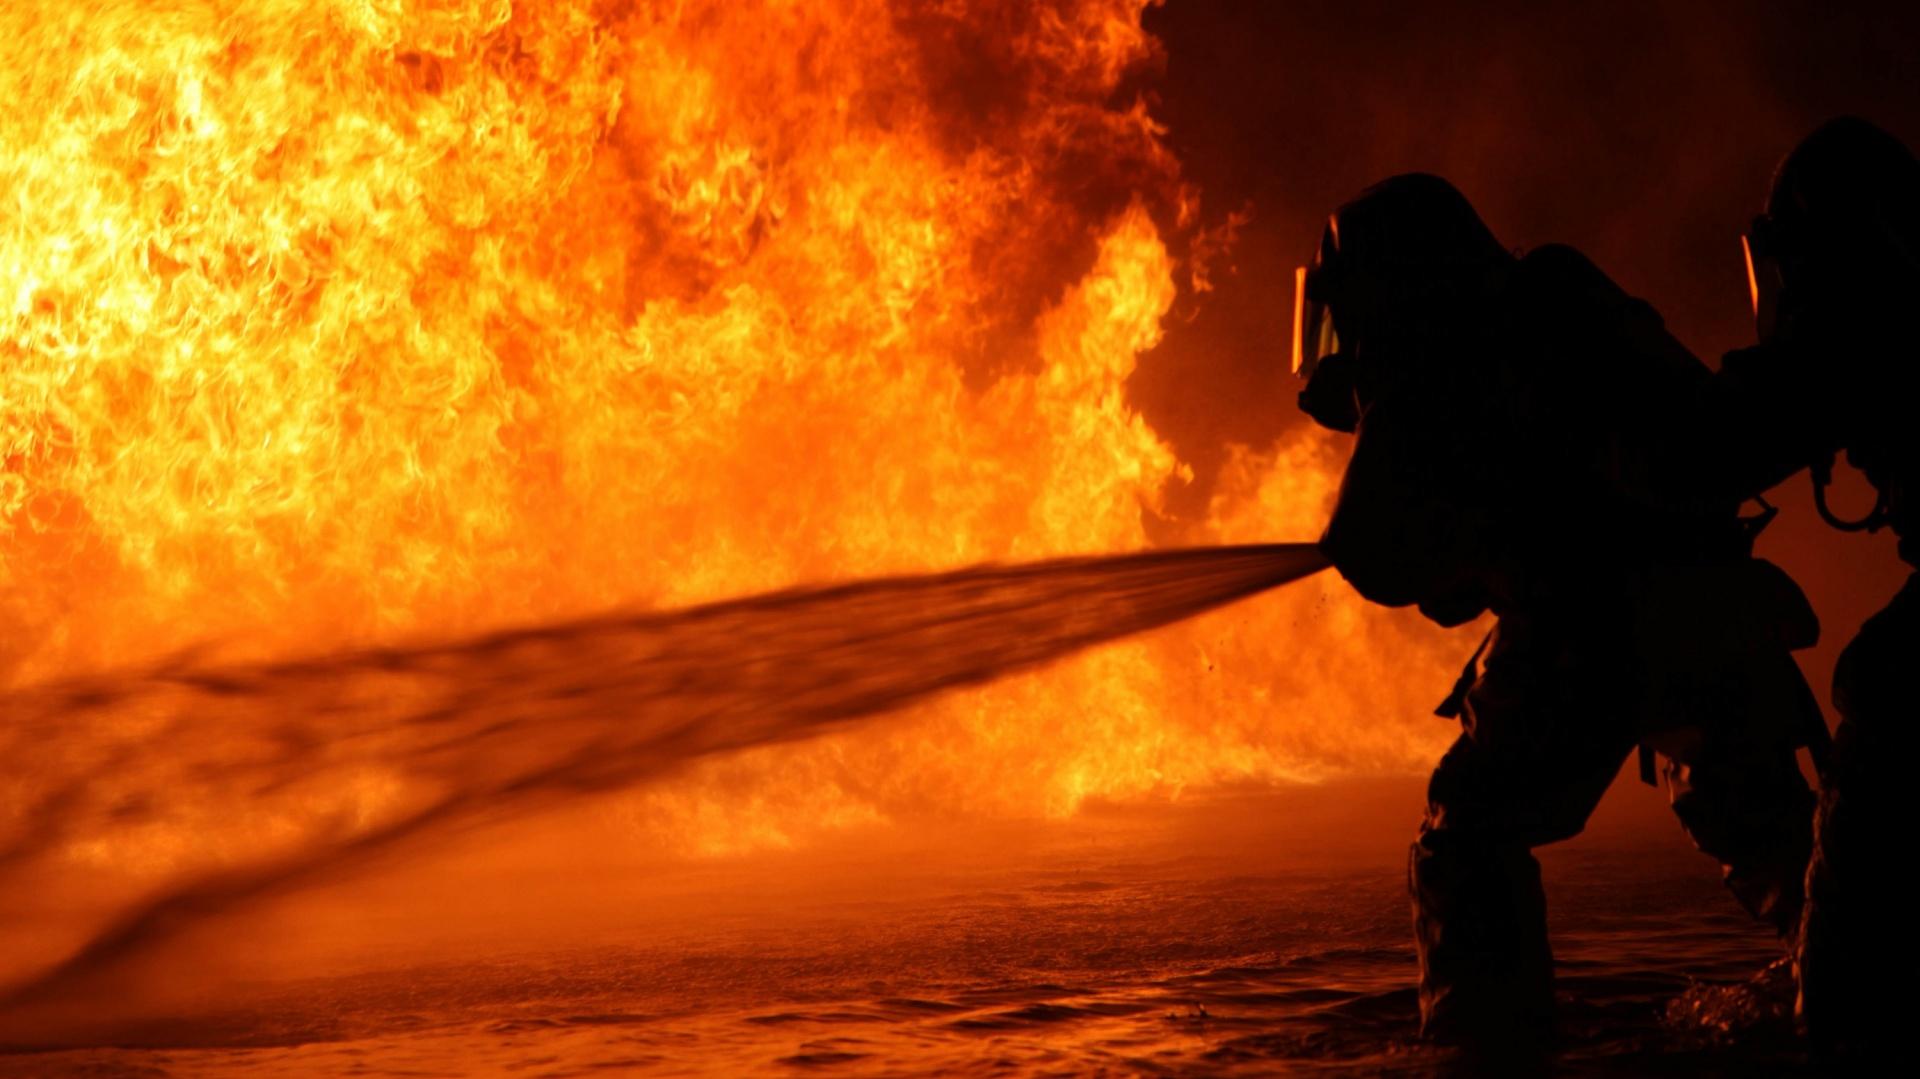 Estudo revela que fumo dos incêndios deixa pulmões vulneráveis